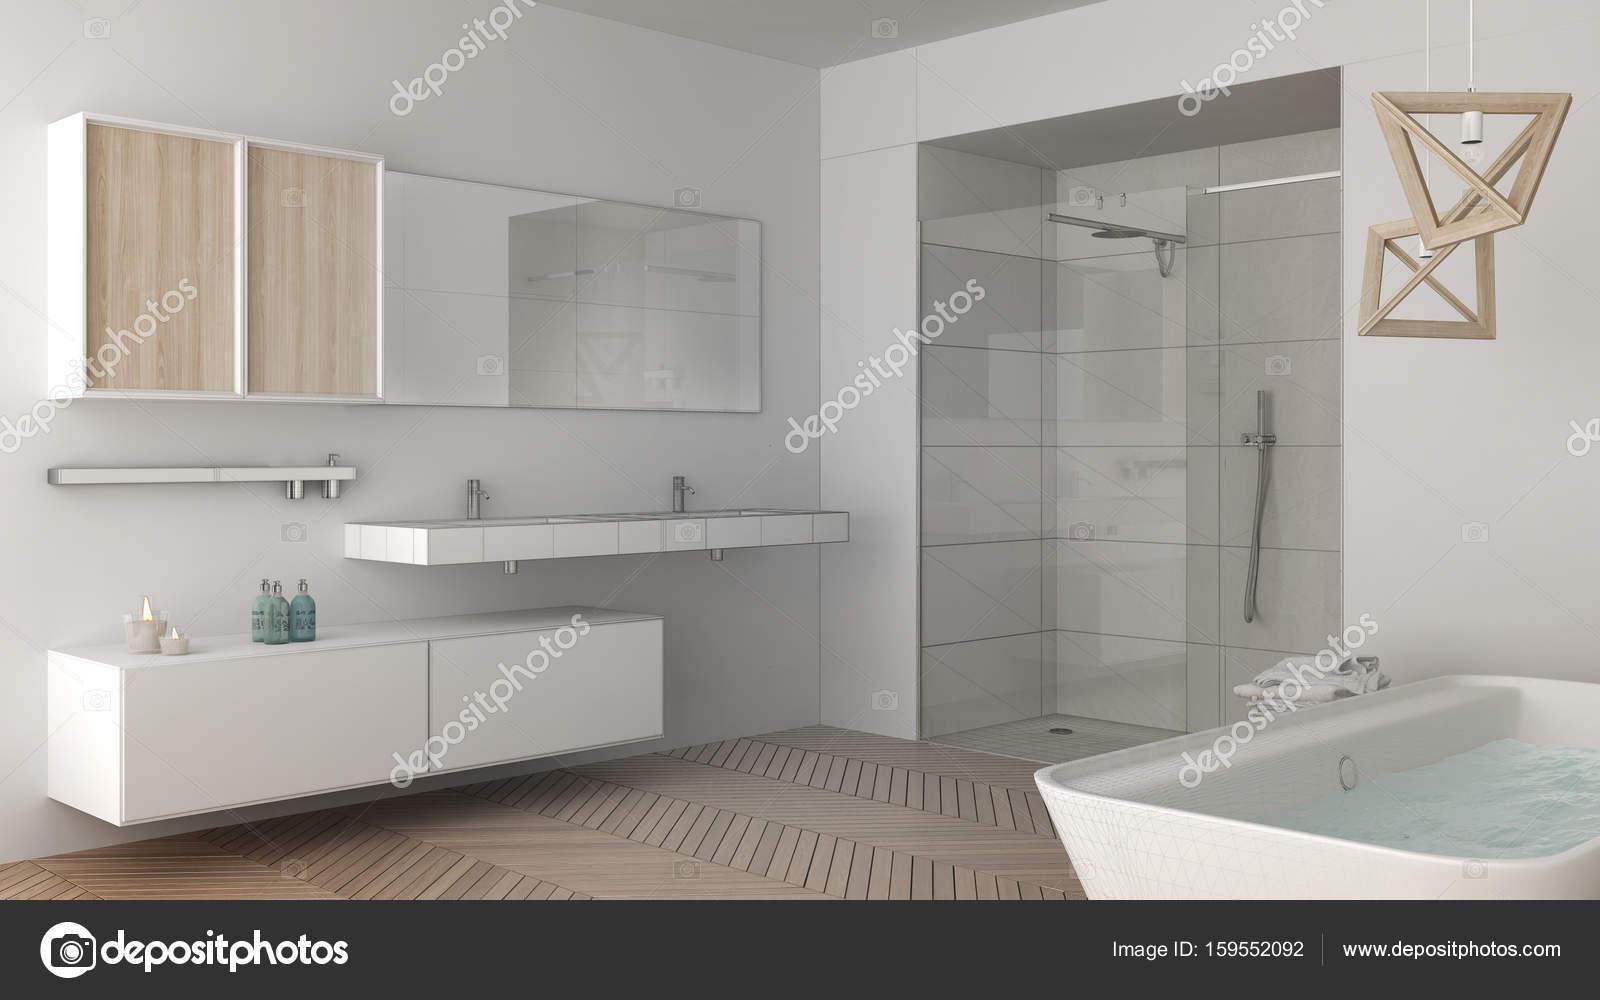 Proyecto inconcluso del cuarto de baño luminoso minimalista con ...